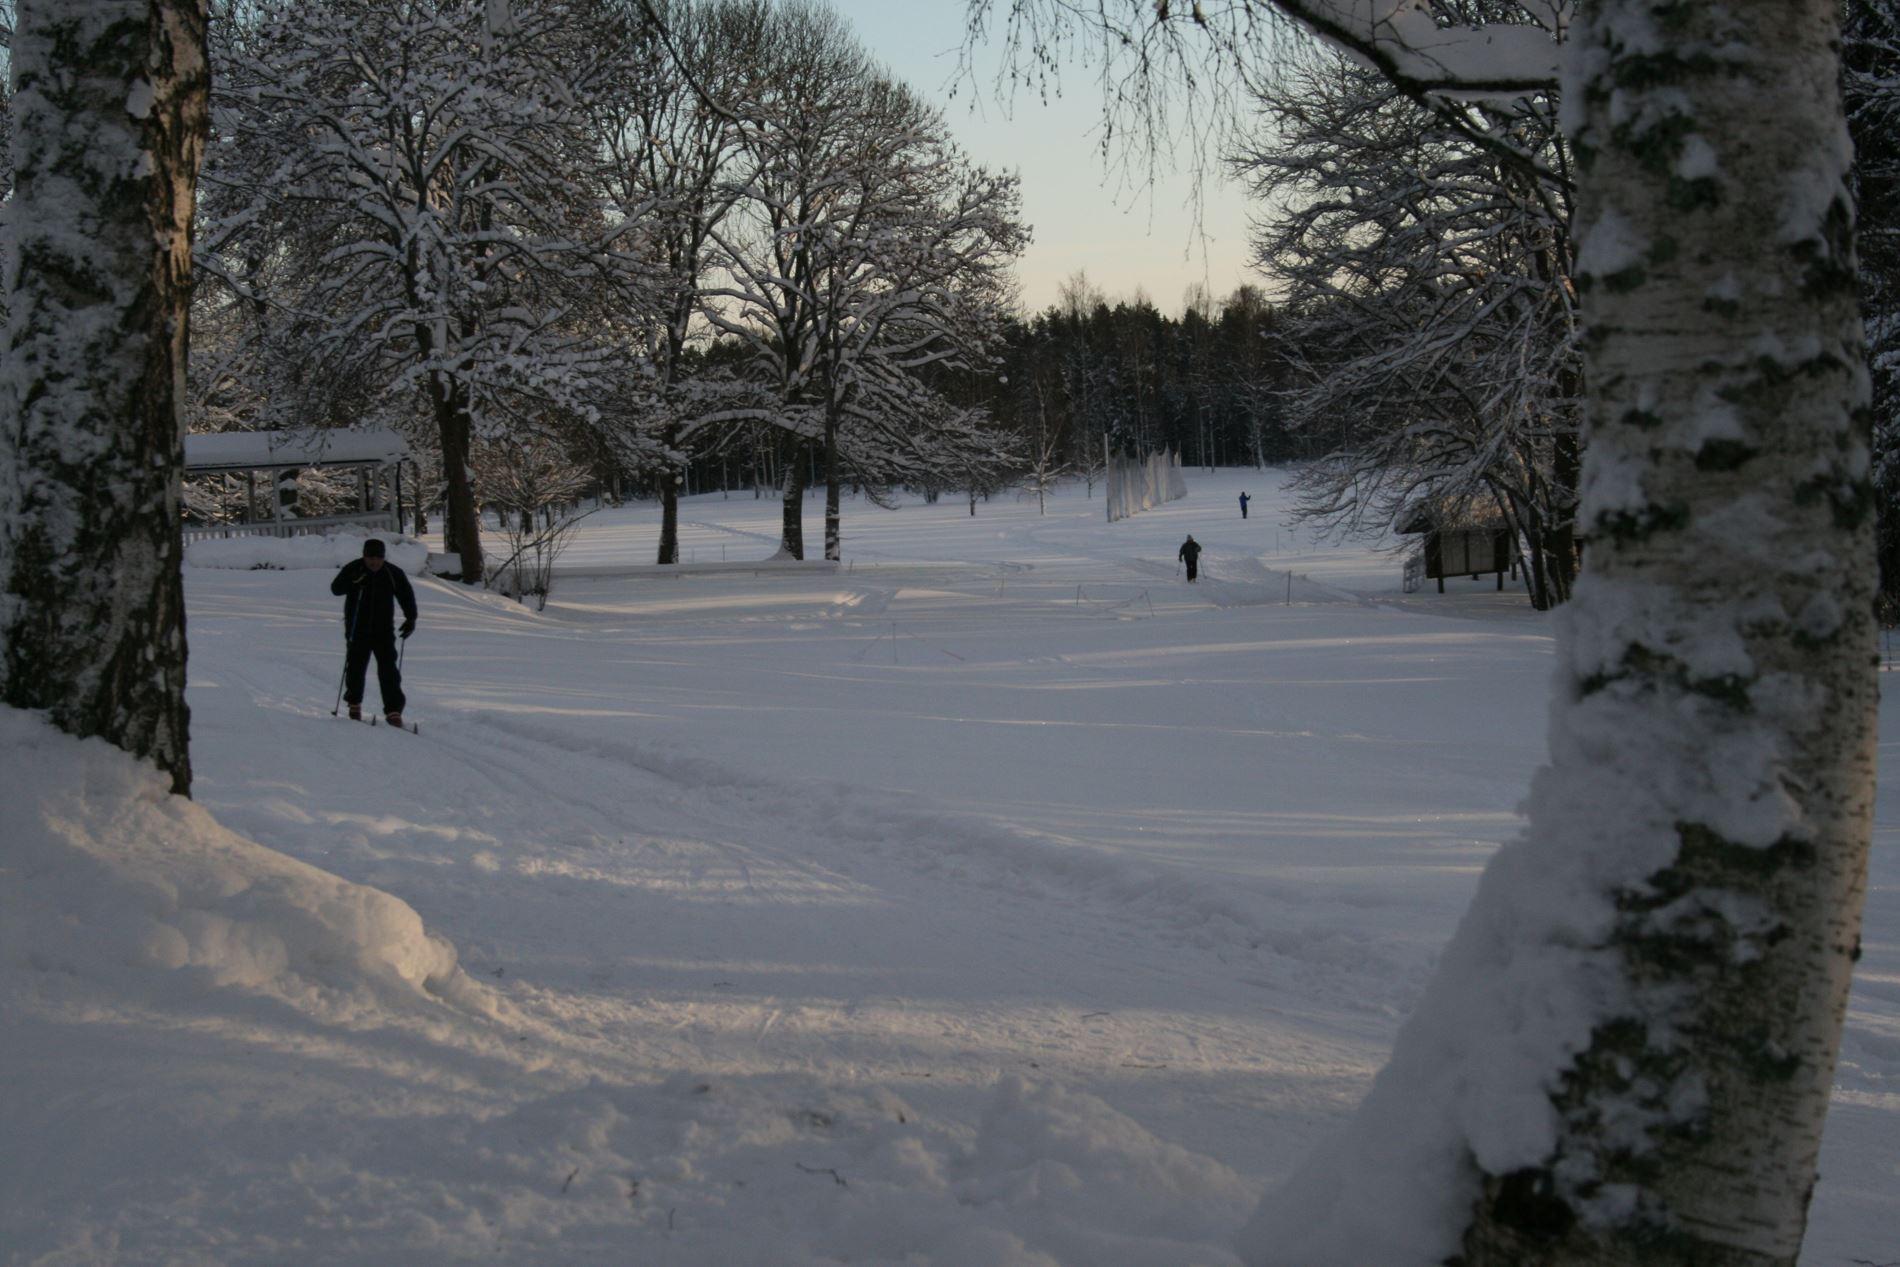 Foto: Avesta Turistbyrå, Åsbo, Dalahästen